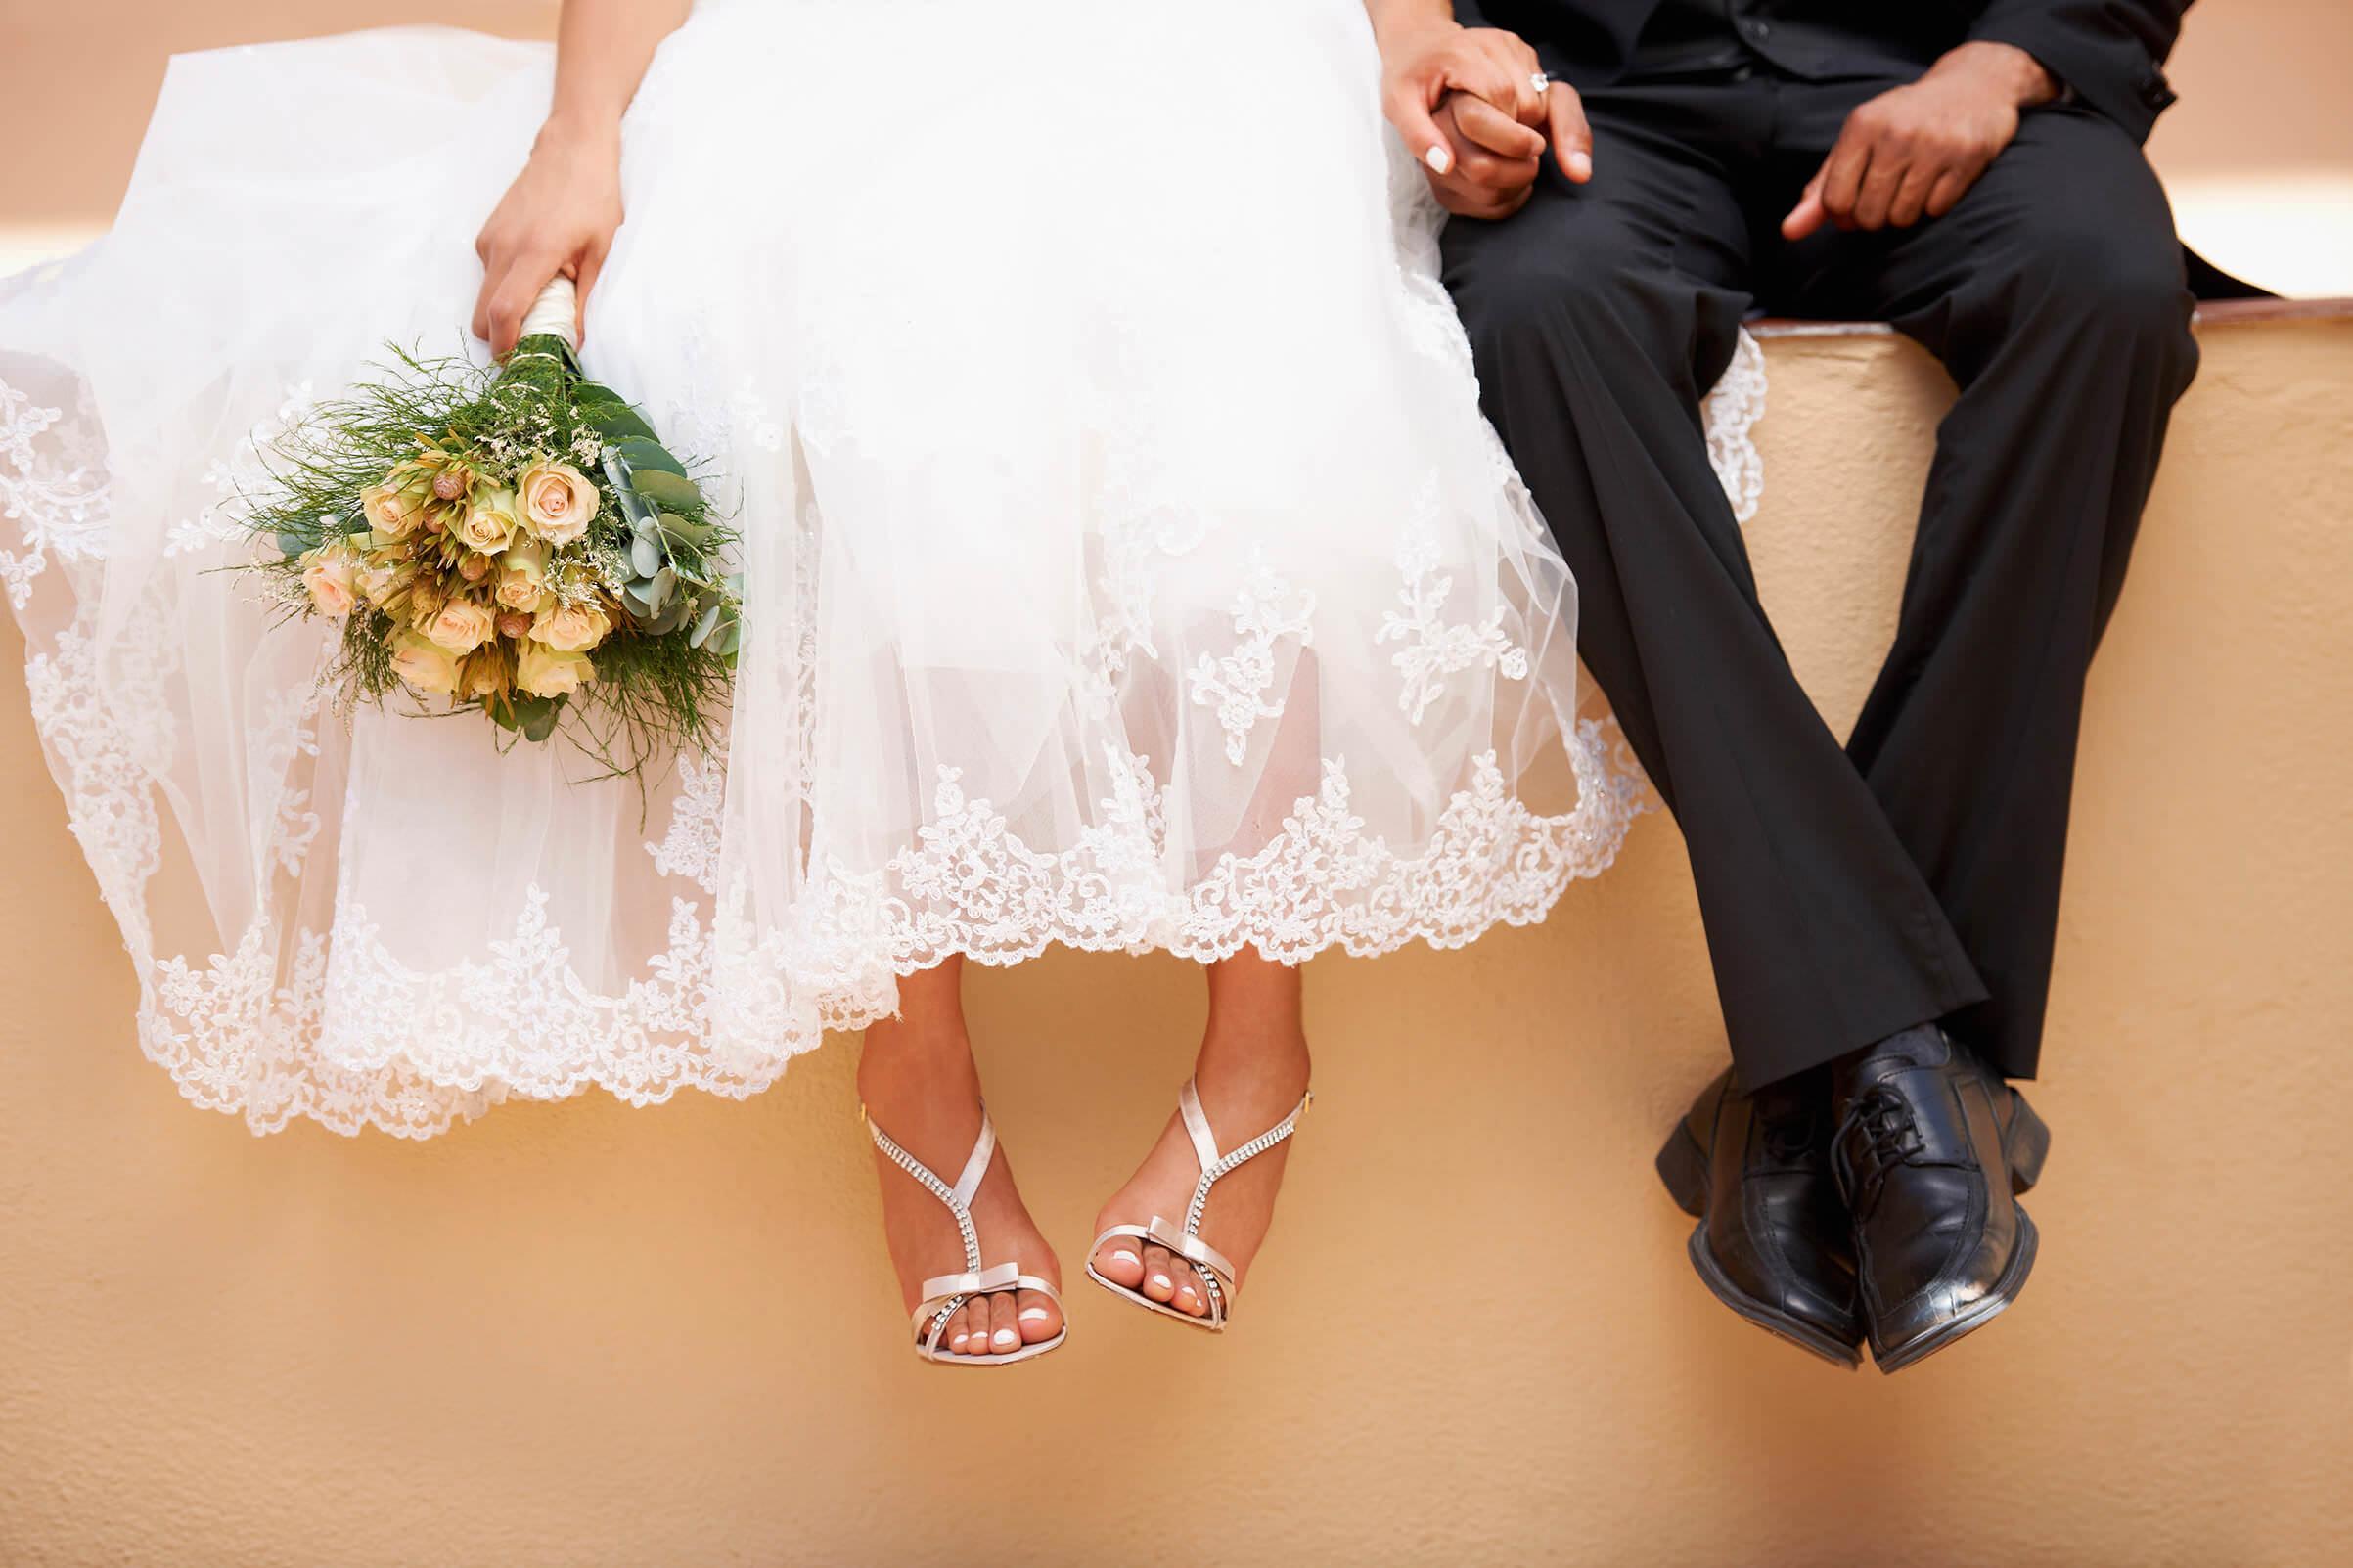 """Cặp đôi dù chưa có kinh nghiệm vẫn """"tự tin"""" dự trù đám cưới chi tiết tới từng triệu đồng chỉ nhờ những cách đơn giản sau - Ảnh 2."""